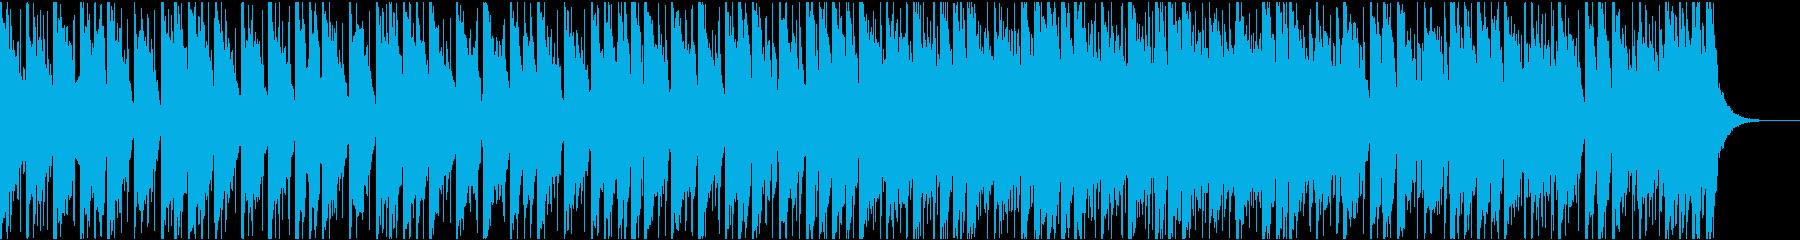 明るい、アップテンポ、かわいい電子音の曲の再生済みの波形